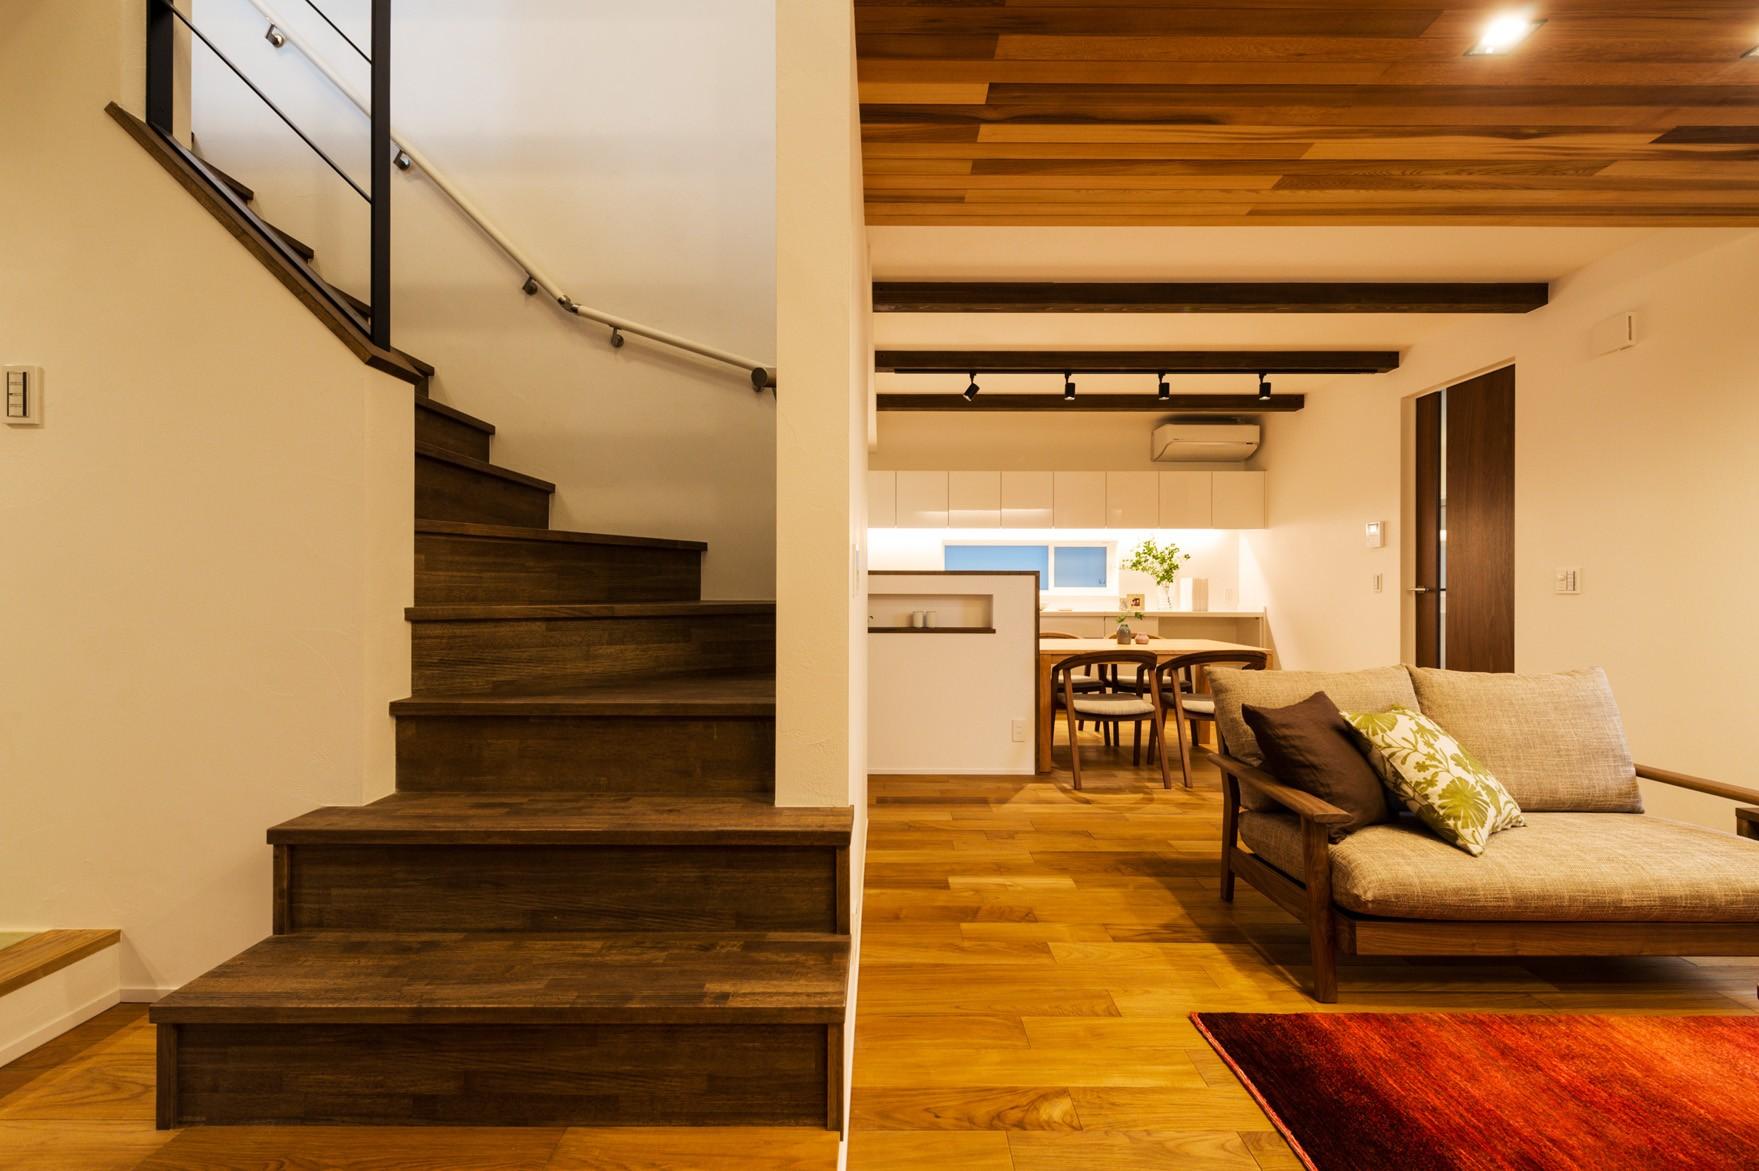 フクダハウジング株式会社「ワンランク上の美しさと機能性の高い家」のリビング・ダイニングの実例写真